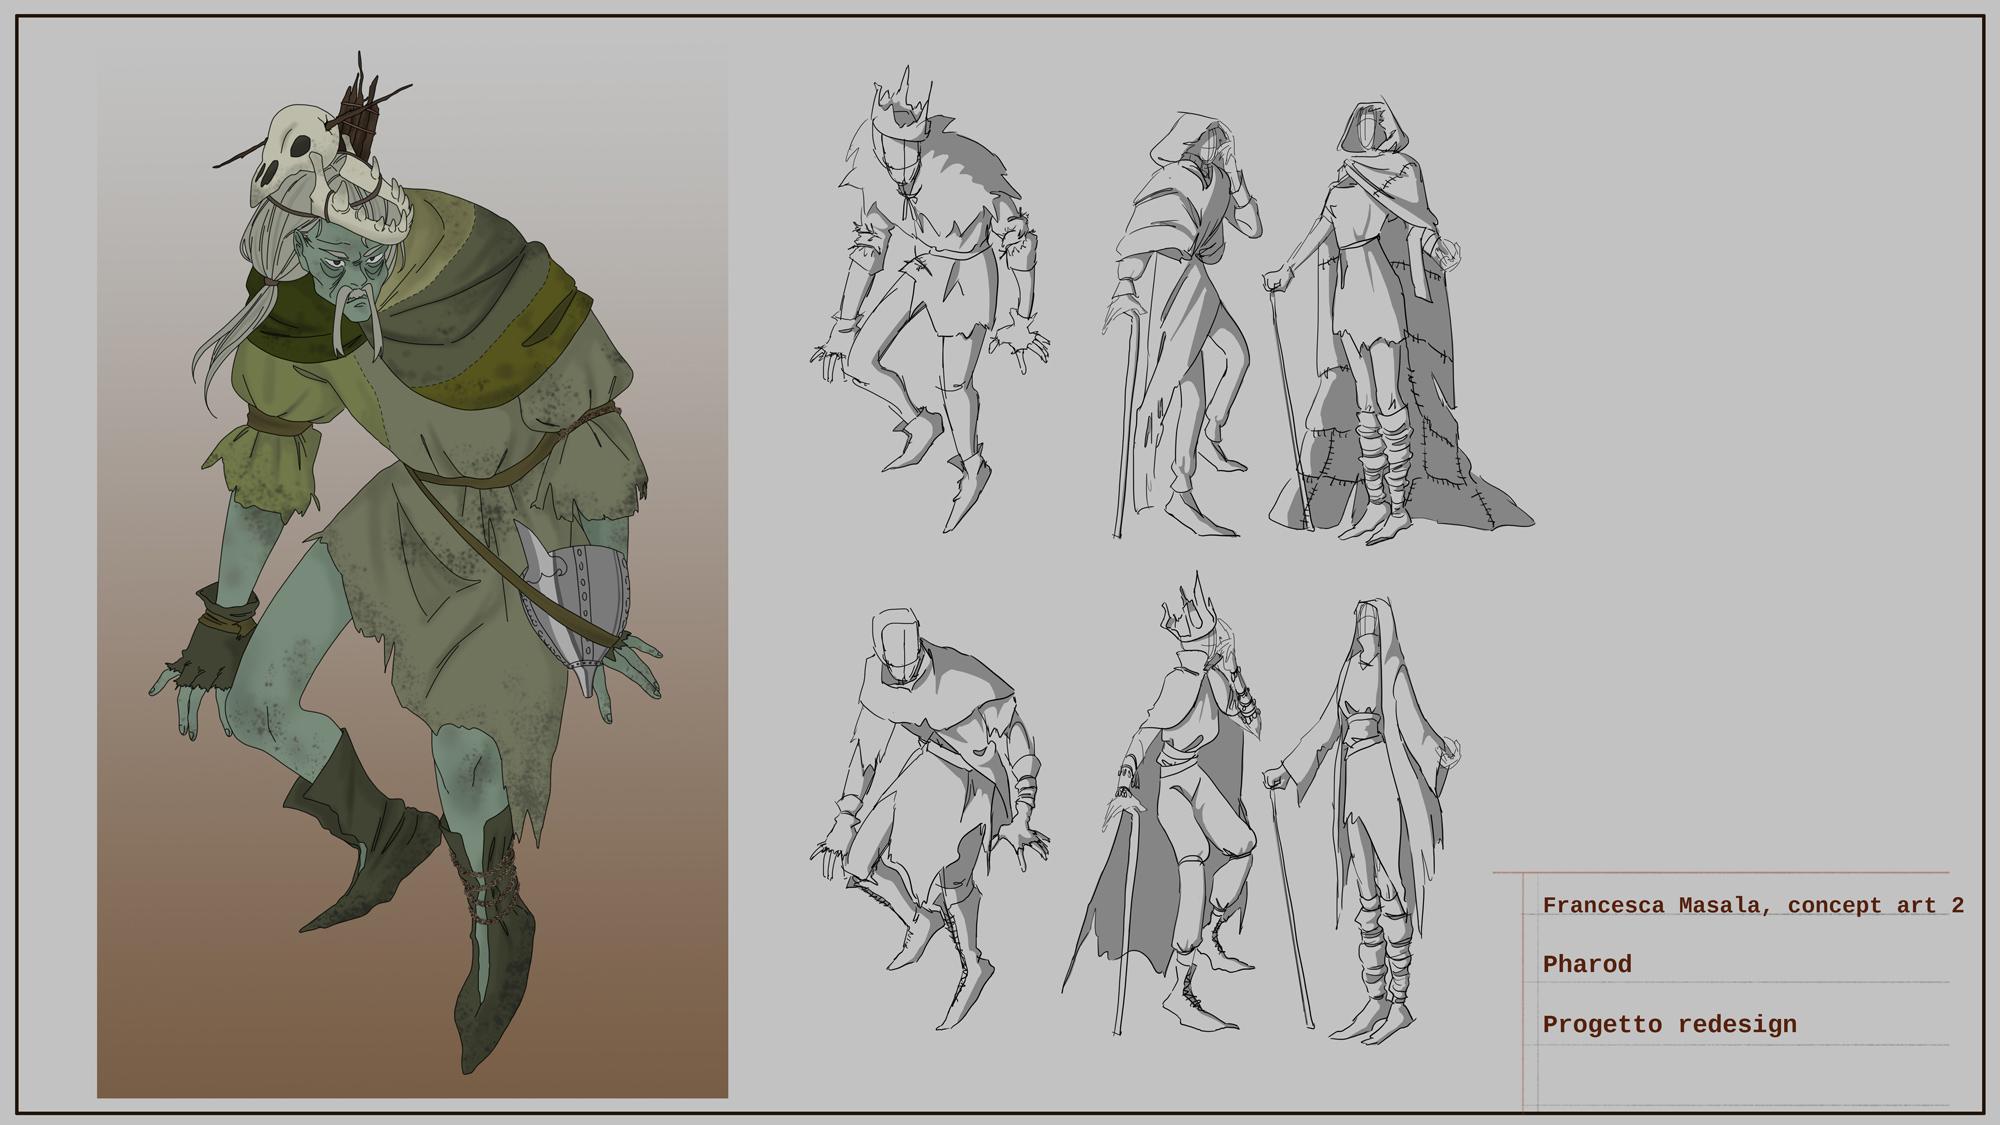 {$tags} Concept study personaggio, Pharod - by Francesca Masala Planescape Torment Redesign Project (2020) © Scuola Internazionale di Comics Torino e dell'autore, tutti i diritti riservati